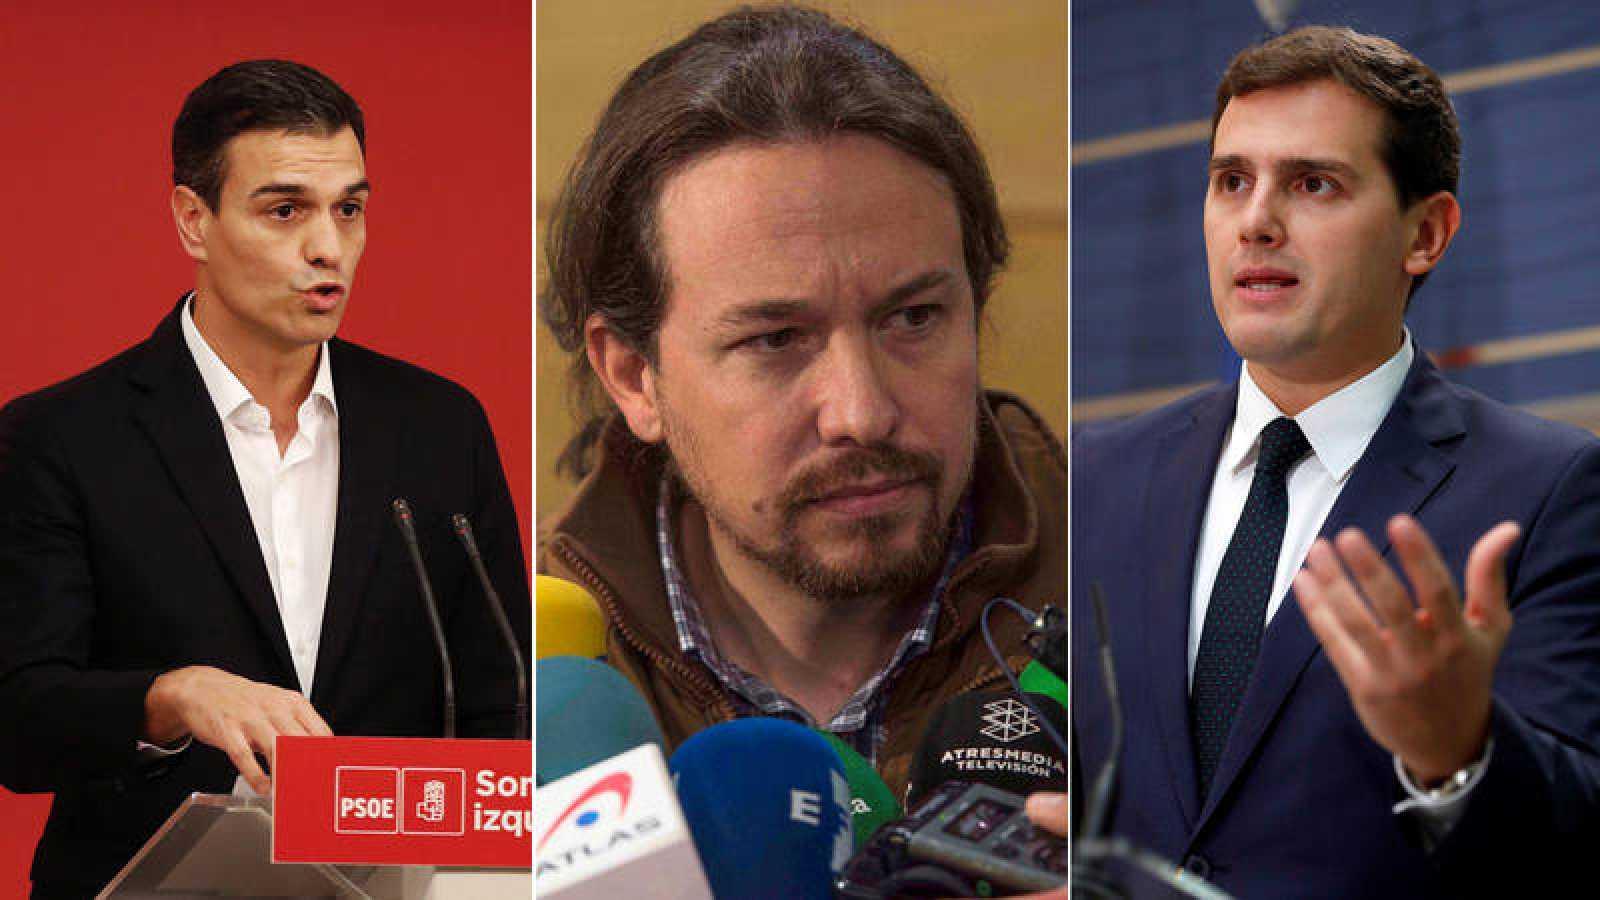 Los líderes de PSOE, Podemos y Ciudadanos, Pedro Sánchez, Pablo Iglesias y Albert Rivera